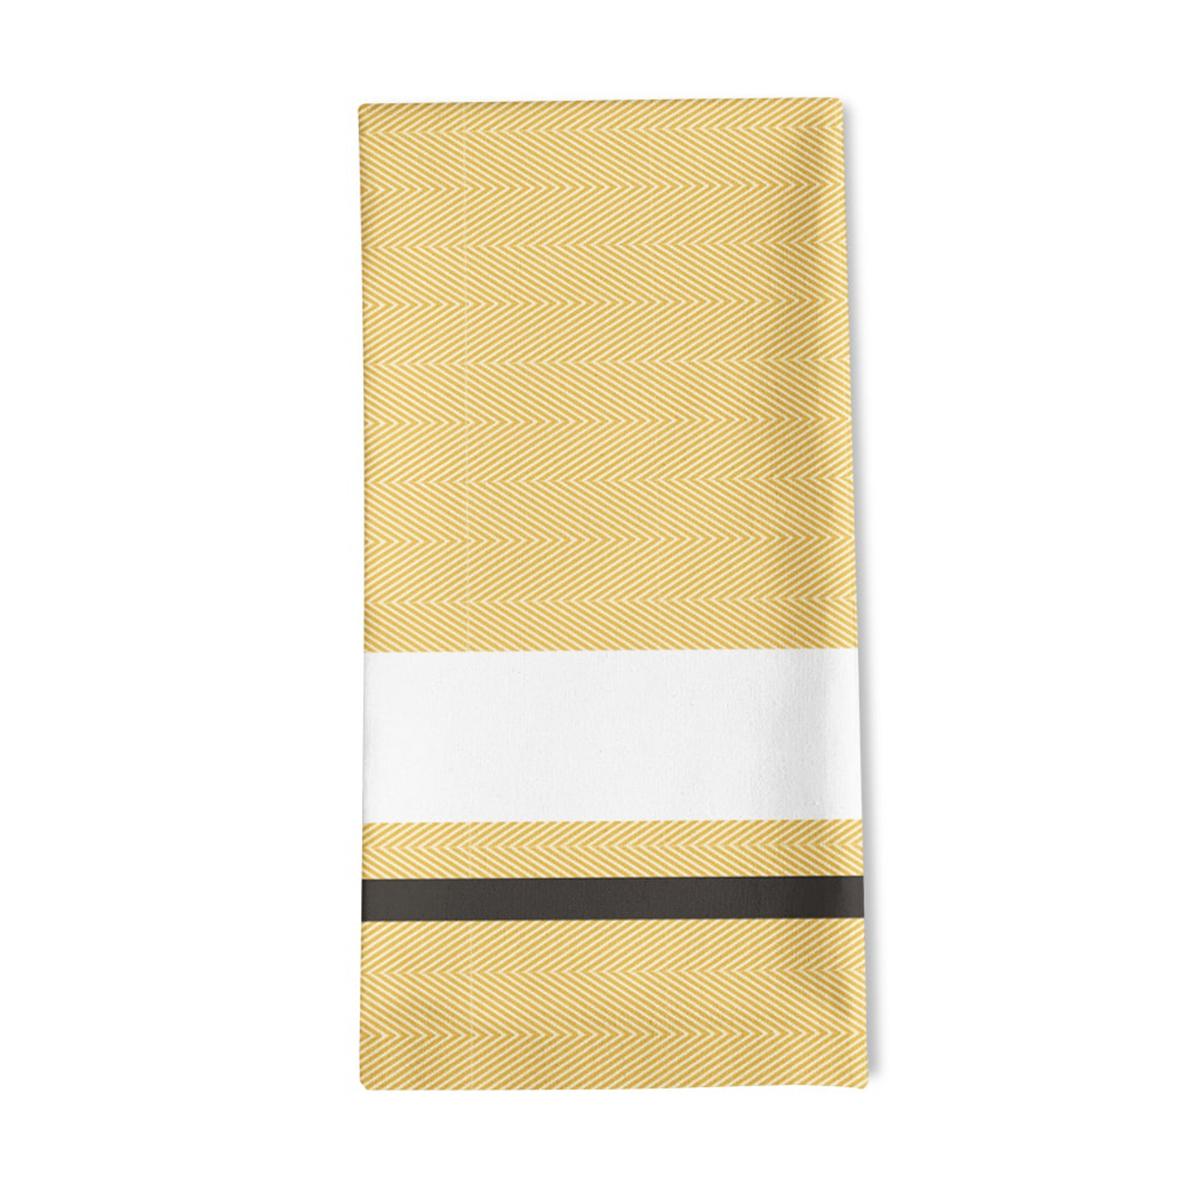 Serviette de table jaune 50x50